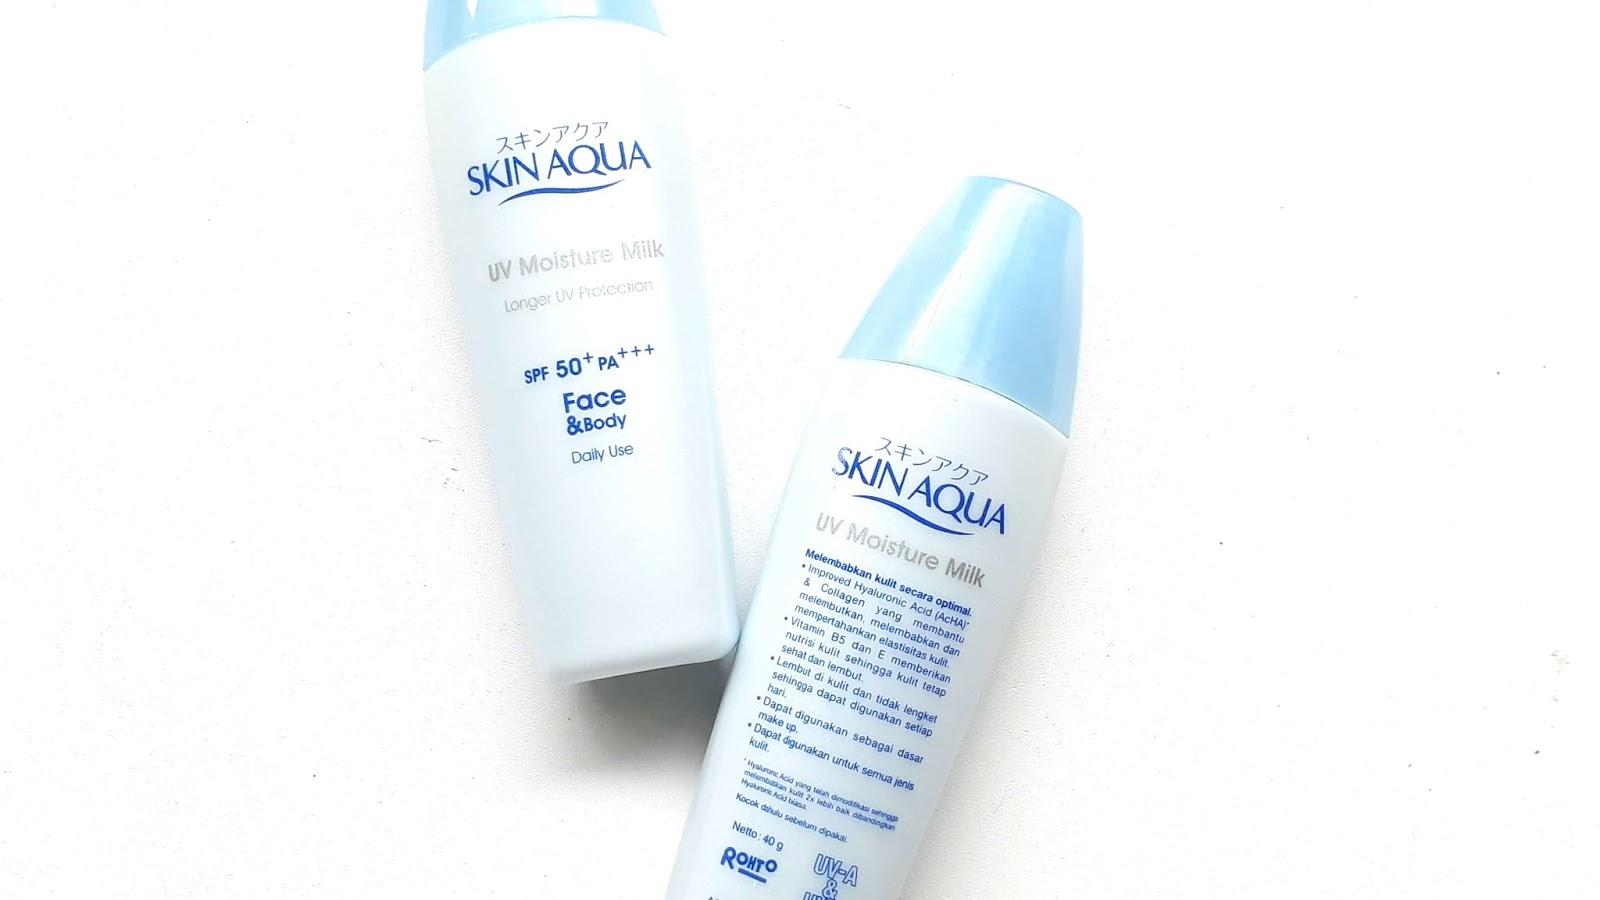 skin-aqua-uv-moisture-milk, review-skin-aqua, skin-aqua-sunscreen, sunscreen-skin-aqua-spf-50